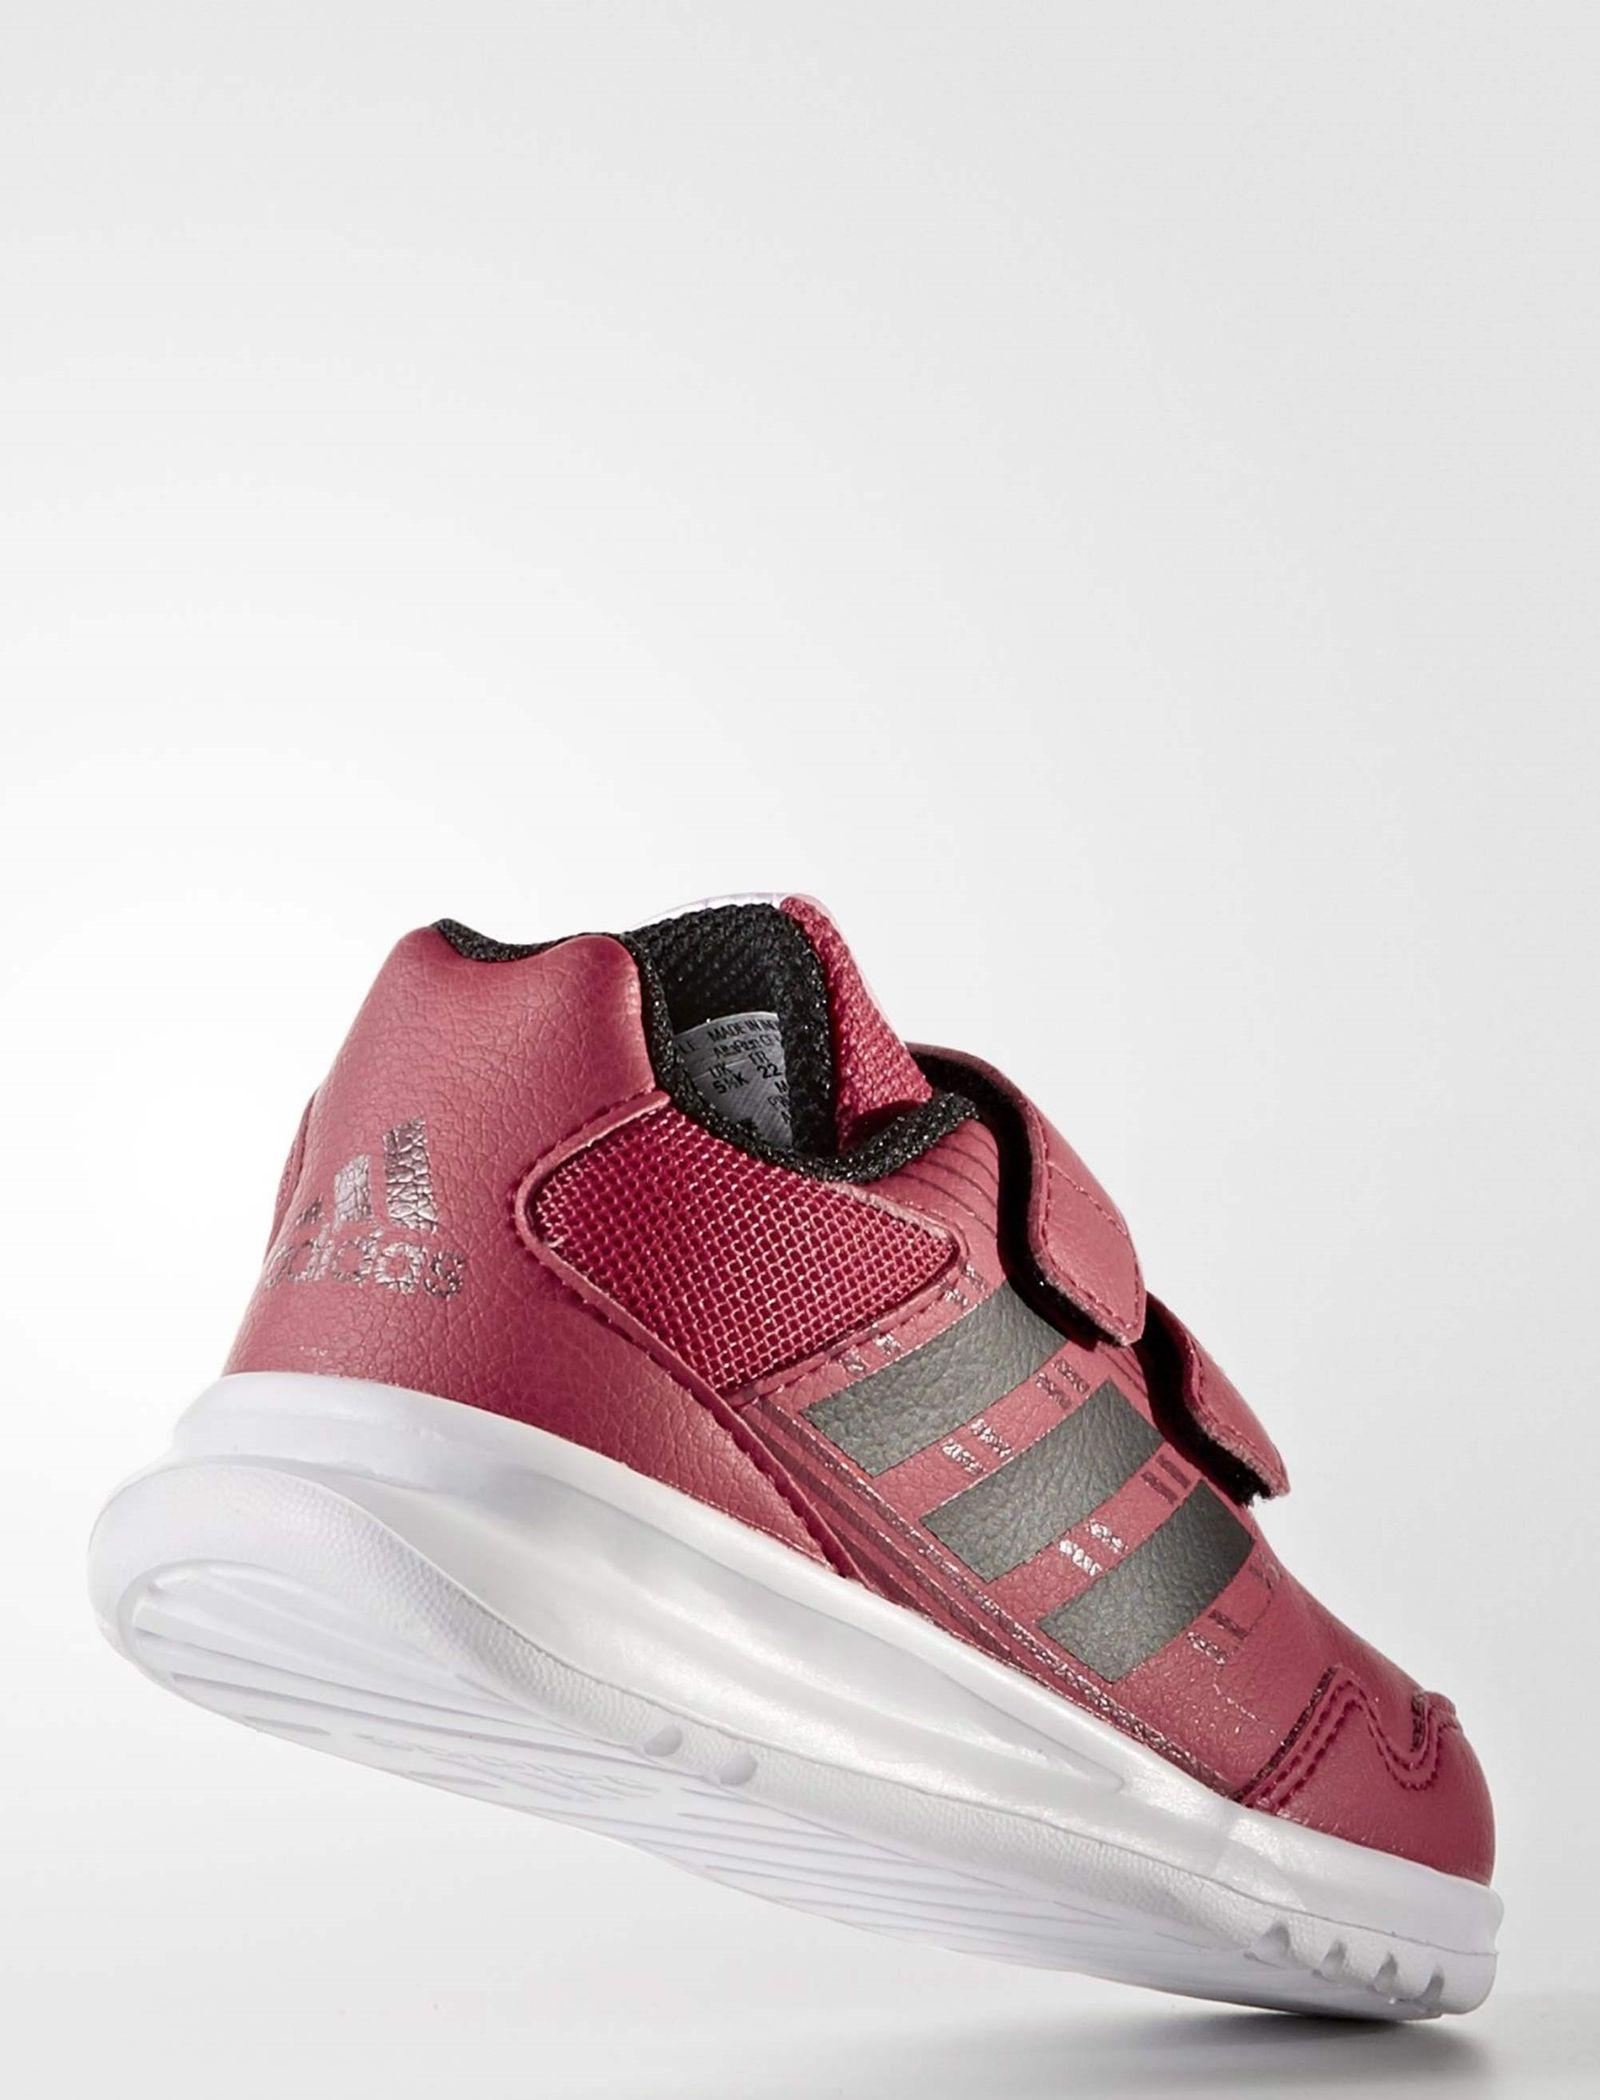 کفش دویدن چسبی بچگانه AltaRun - آدیداس - زرشکی - 5